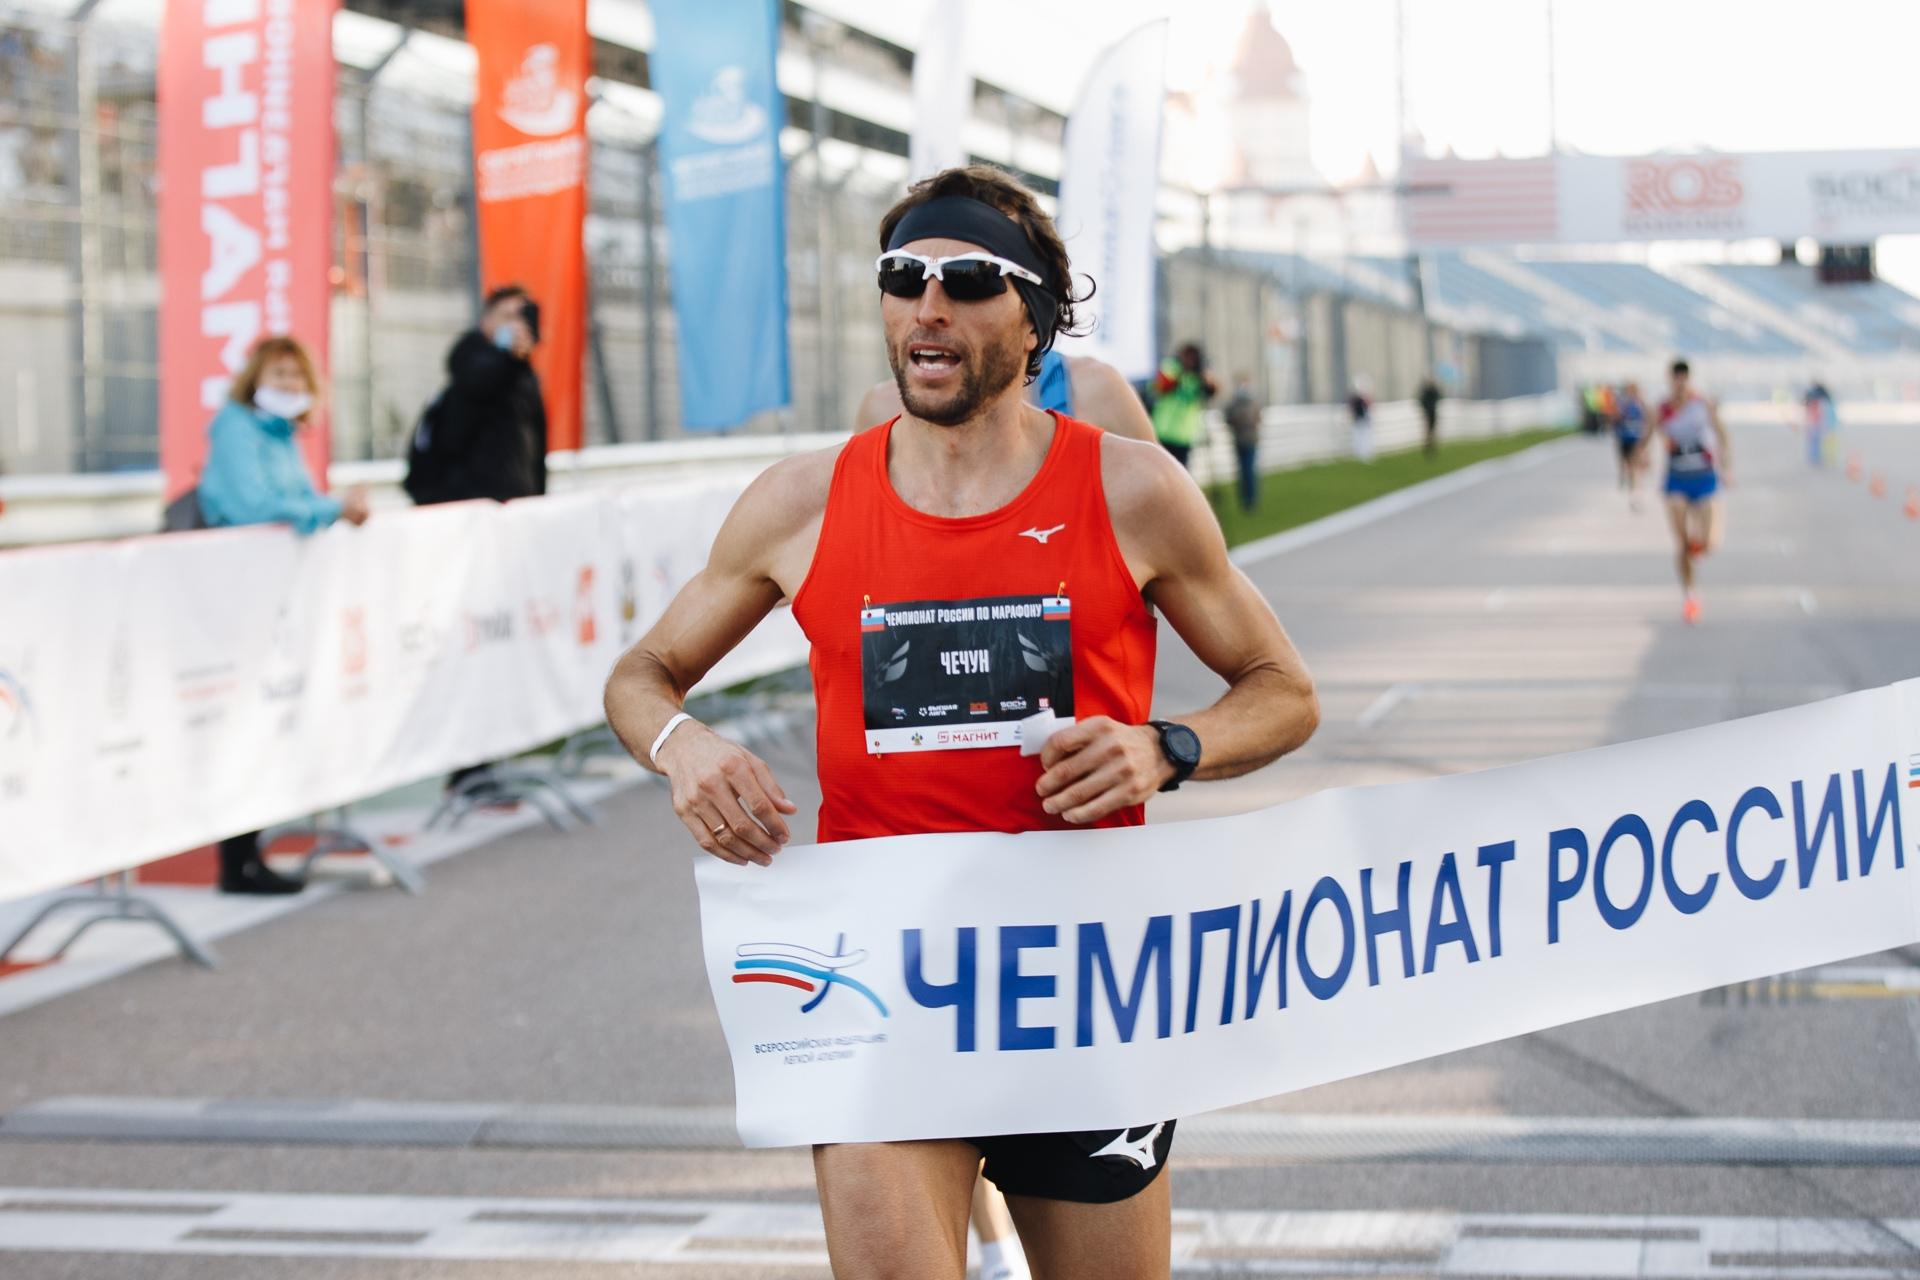 финиш марафона в сочи 6 декабря 2020